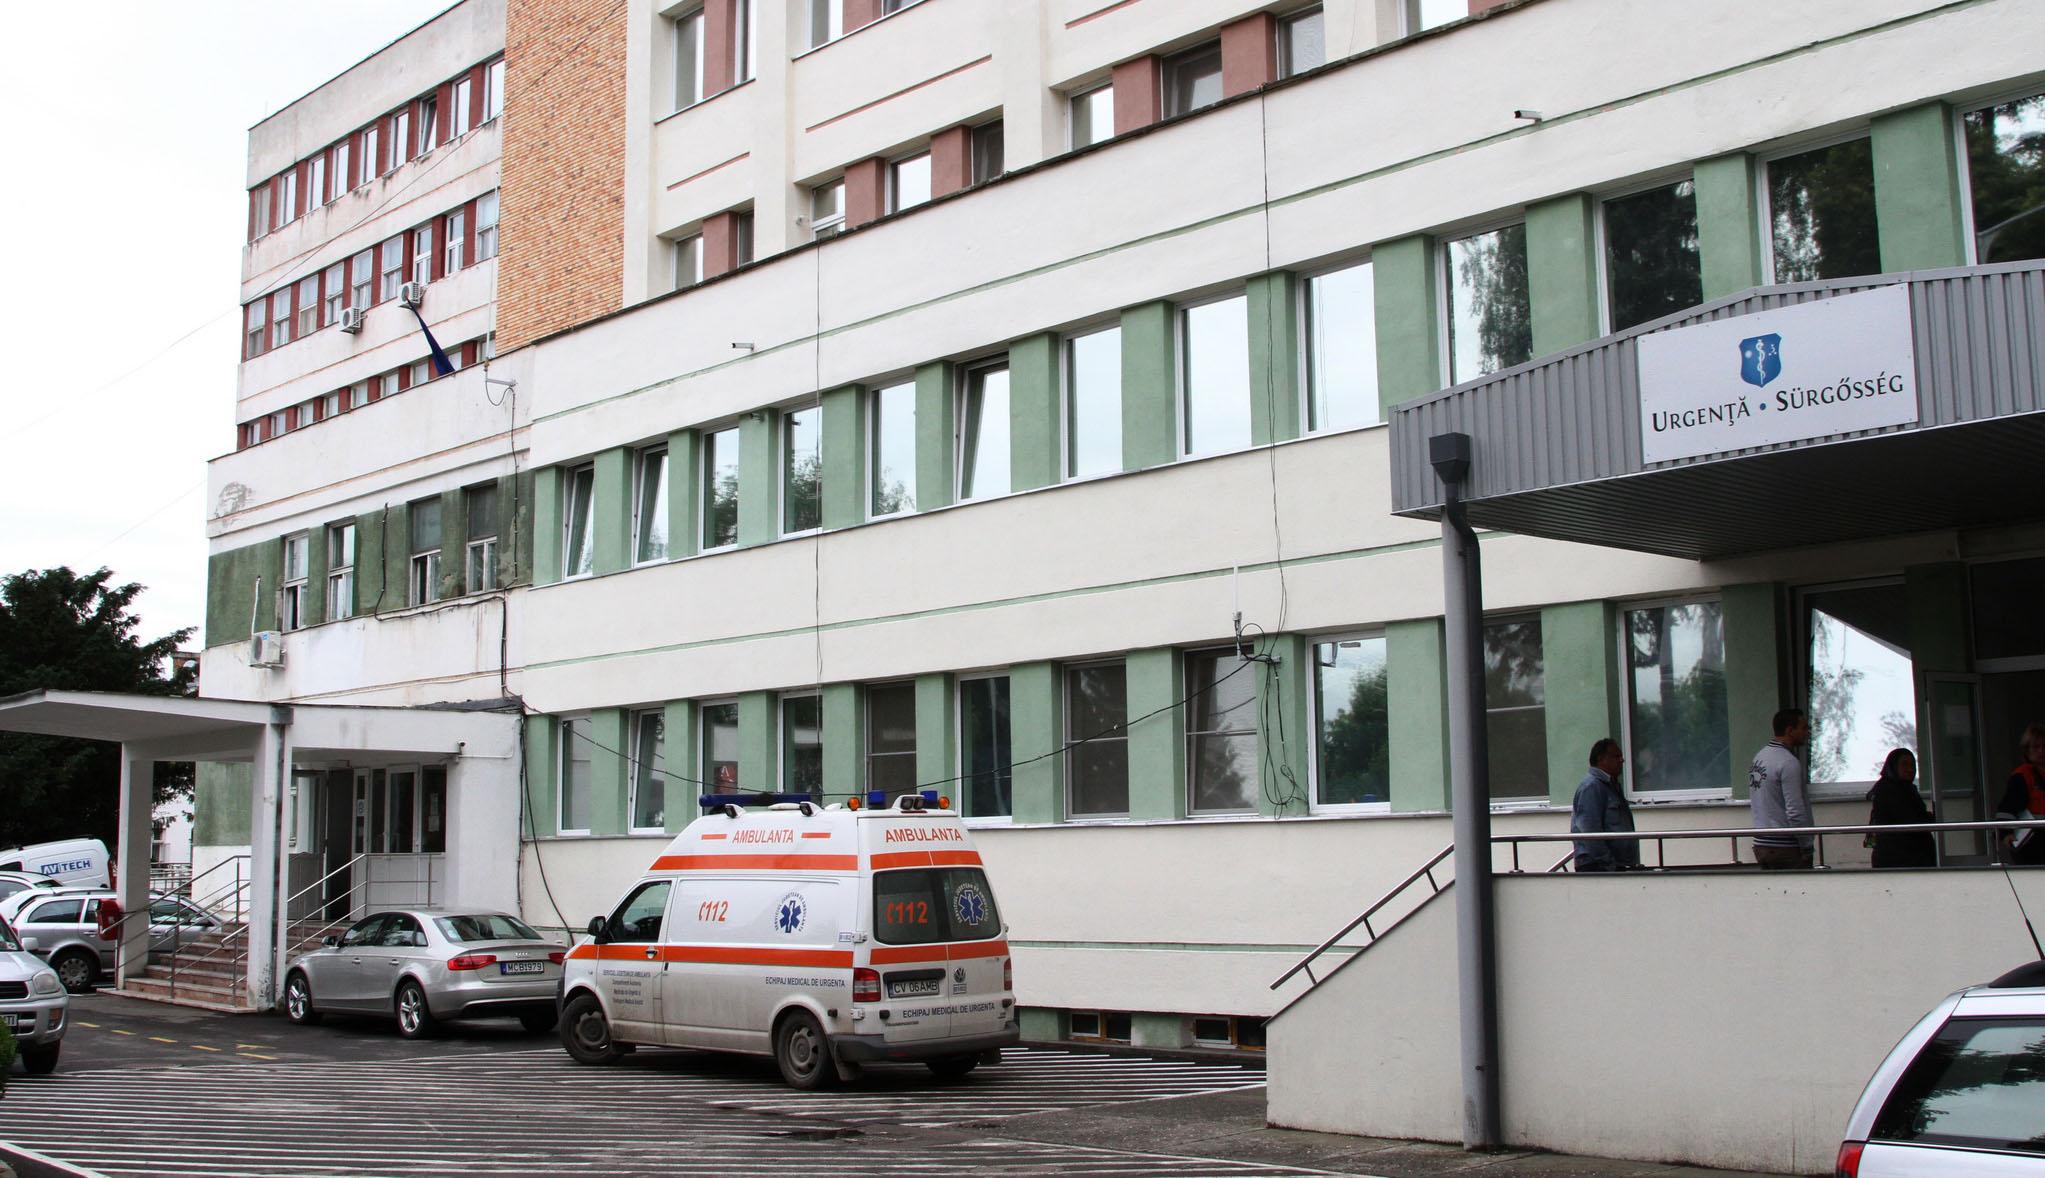 Már csak három koronavírusos beteget kezelnek a megyei kórházban